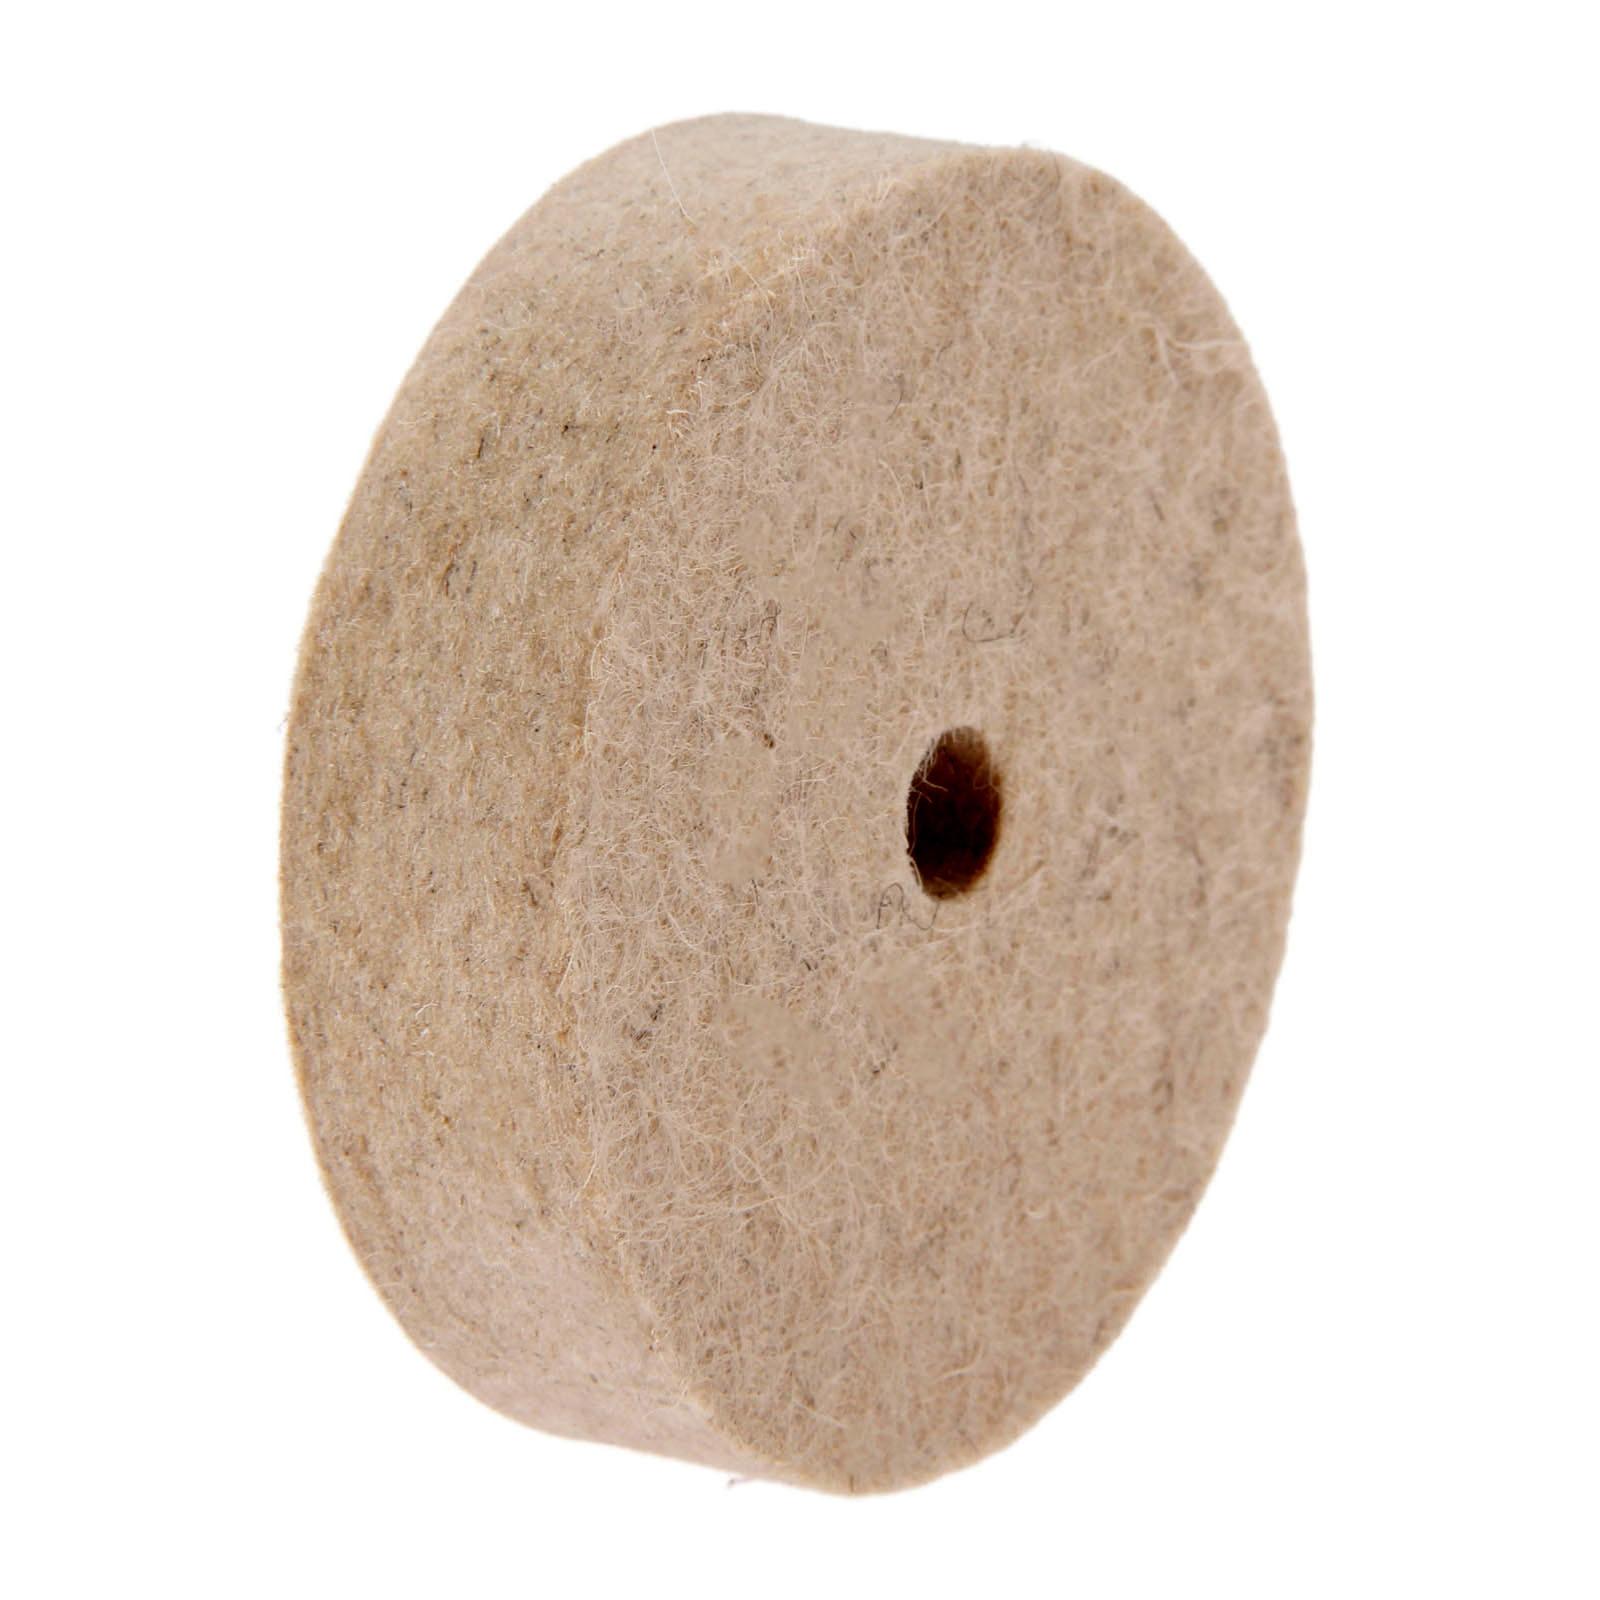 """Dreld 3 """"Polegada 75mm broca de moagem polimento roda feltro lã almofada disco abrasivo para madeira metal bancada dremel ferramenta giratória"""